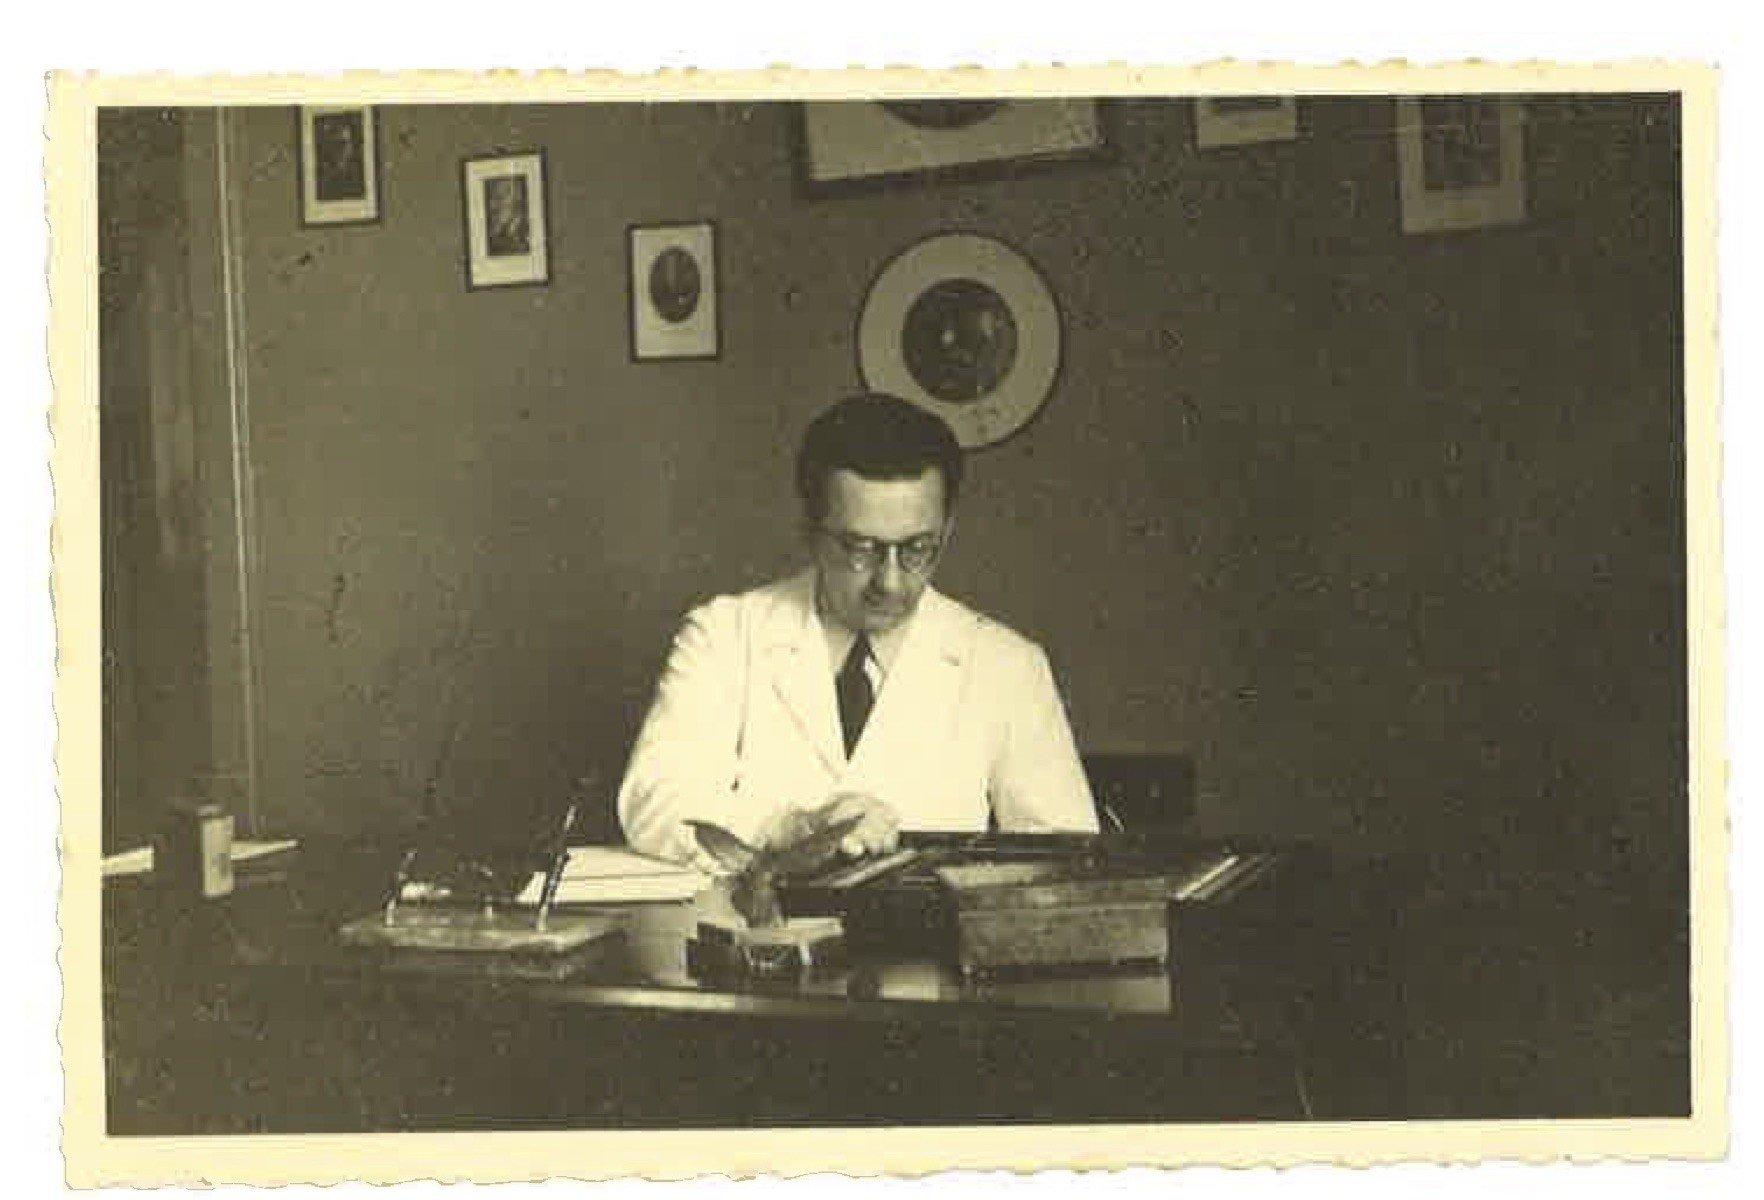 Clínica Belfort na década de 1950